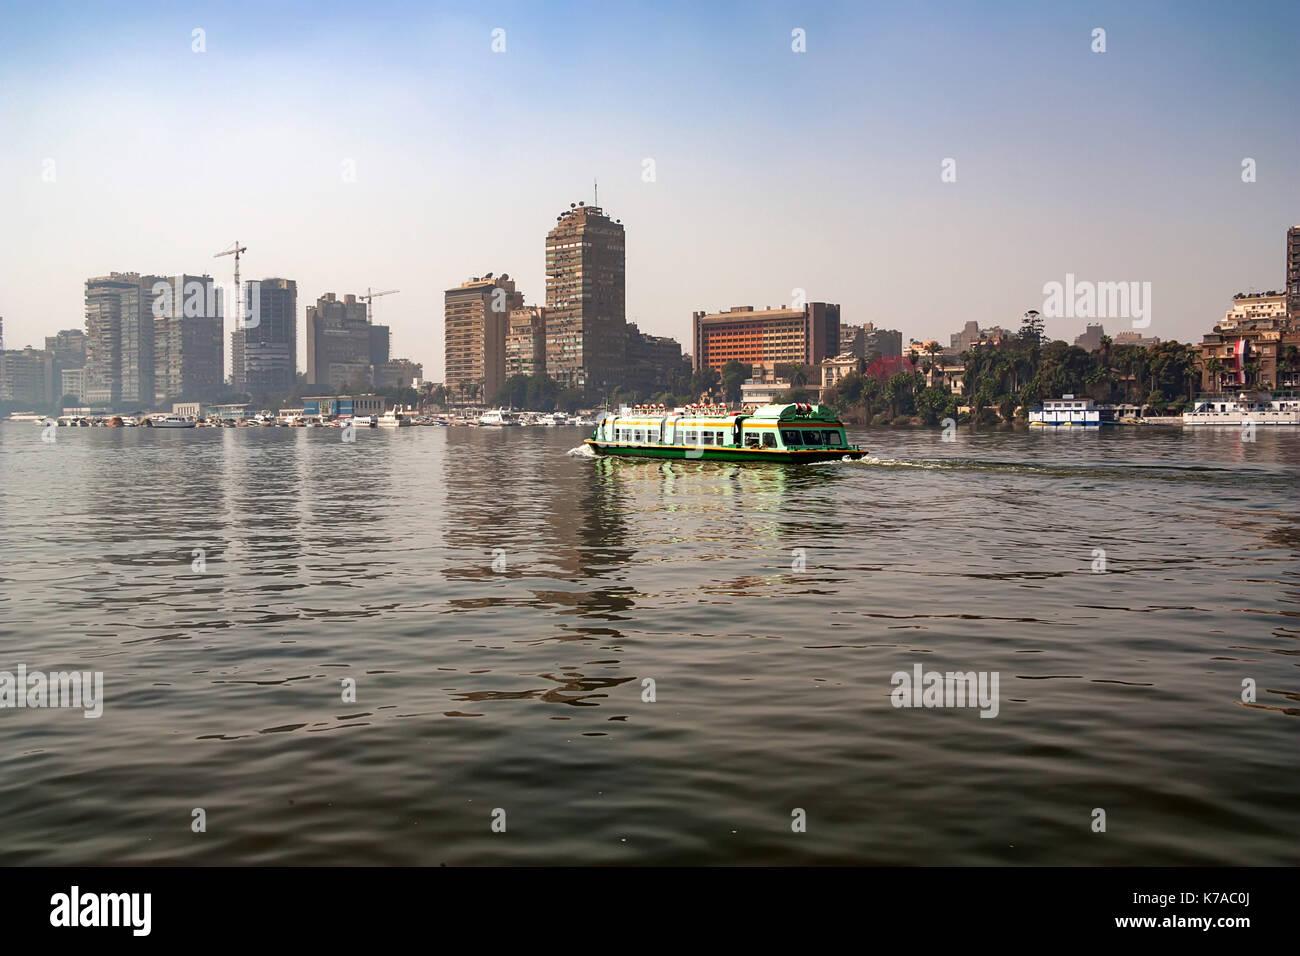 El Cairo, Egipto - marzo de 2010: vista desde el Nilo Imagen De Stock